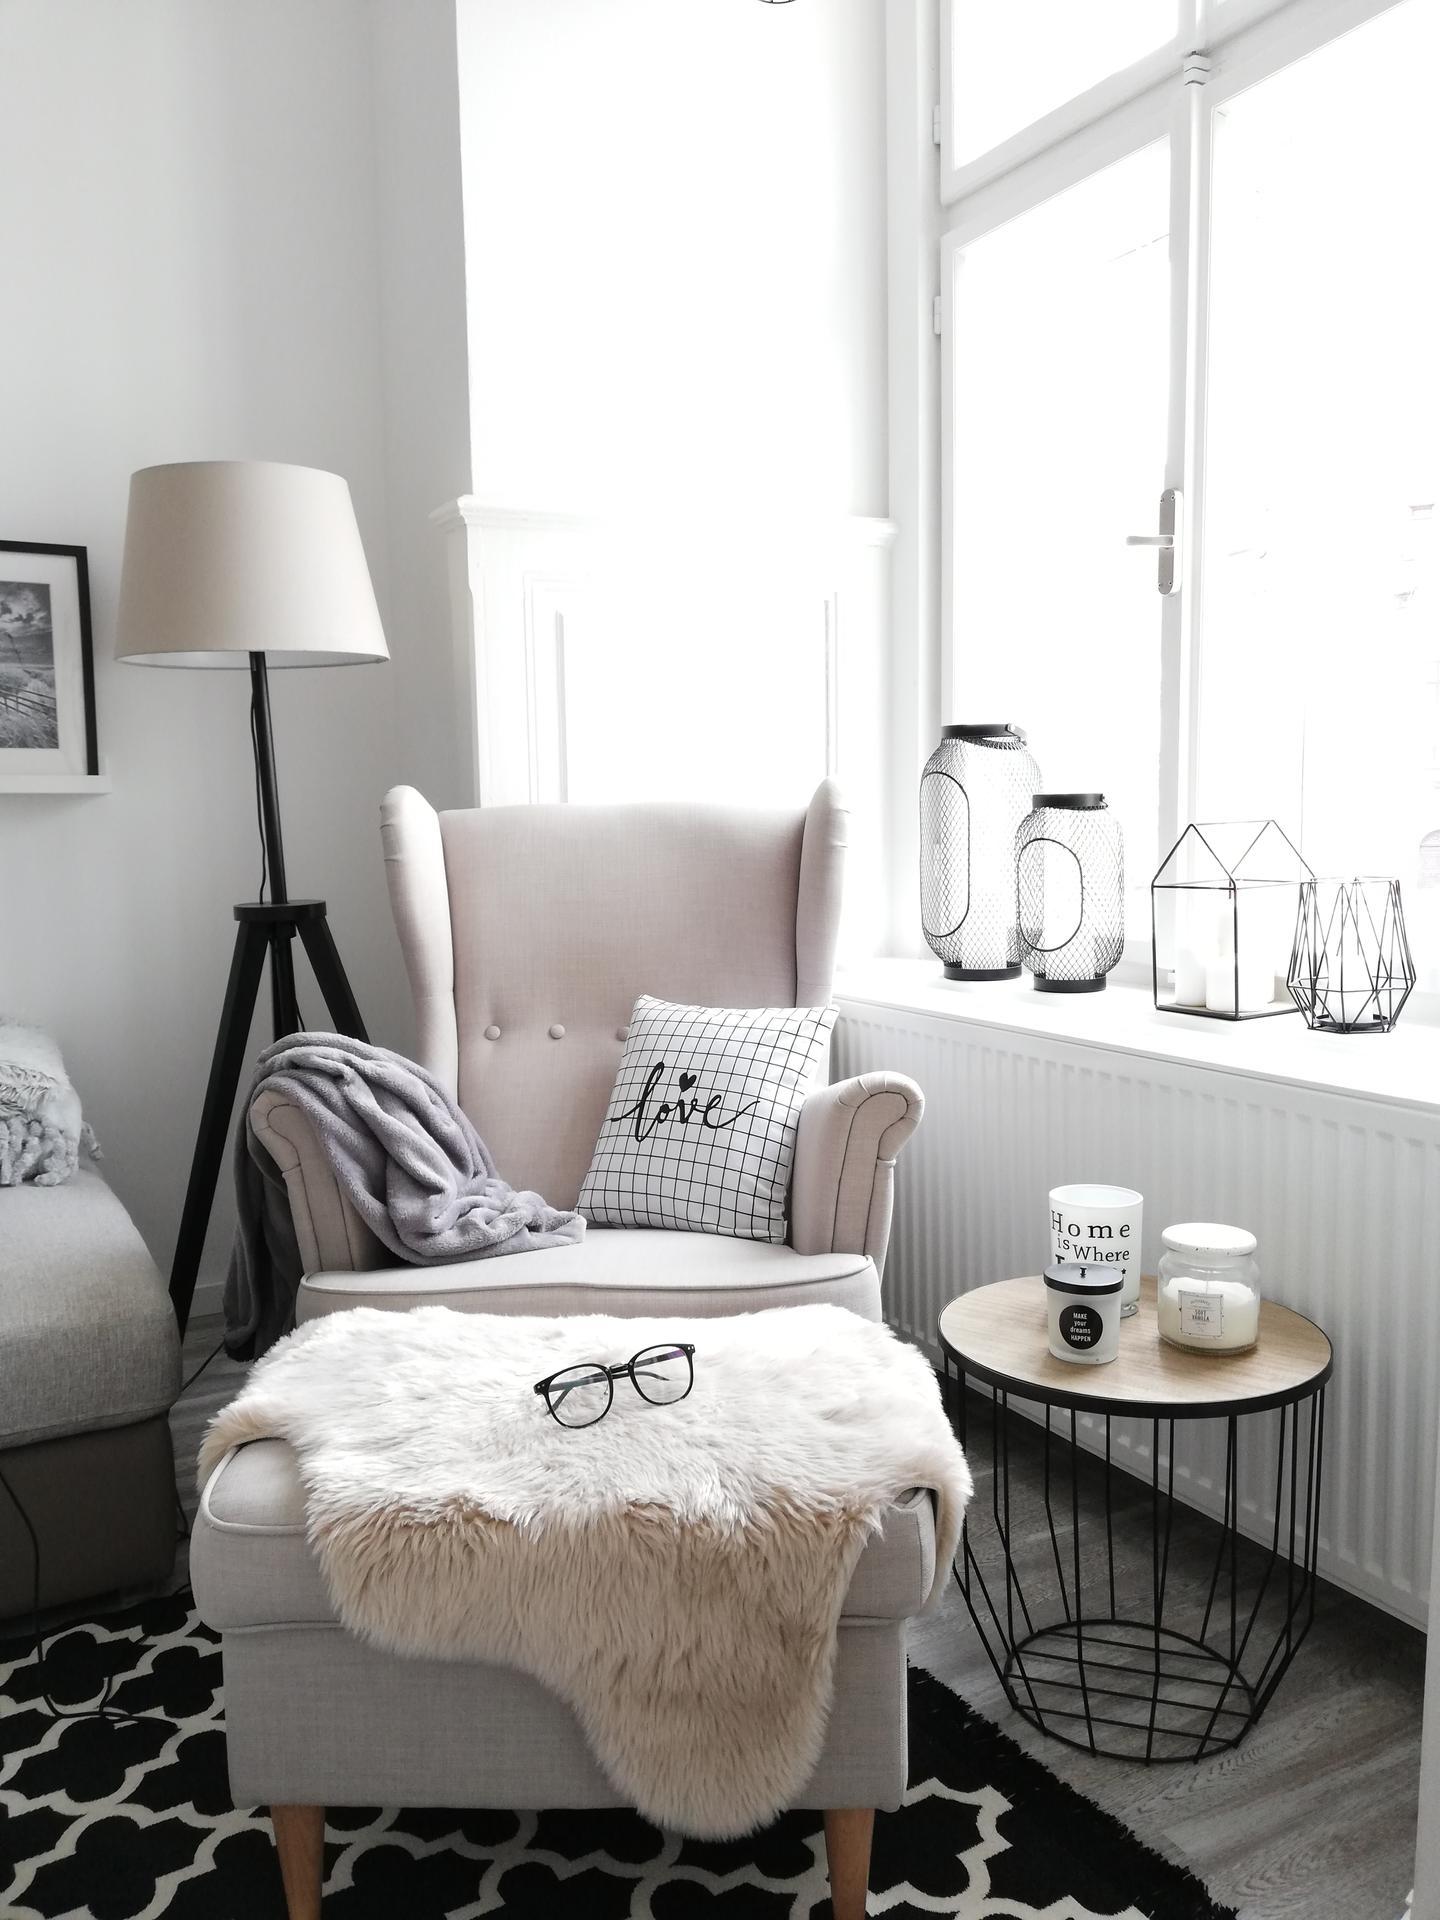 ✨ Vyčarujte si doma útulnou atmosféru hřejivými dekami, měkkými plédy, dekorativními polštáři, šálkem teplého čaje a typickými podzimními vůněmi 🍂 Produkty u nás najdete rychle, pohodlně a na jednom místě 👉 https://www.biano.cz/kolekce/zaridte-si-utulnou-domacnost - Obrázek č. 2